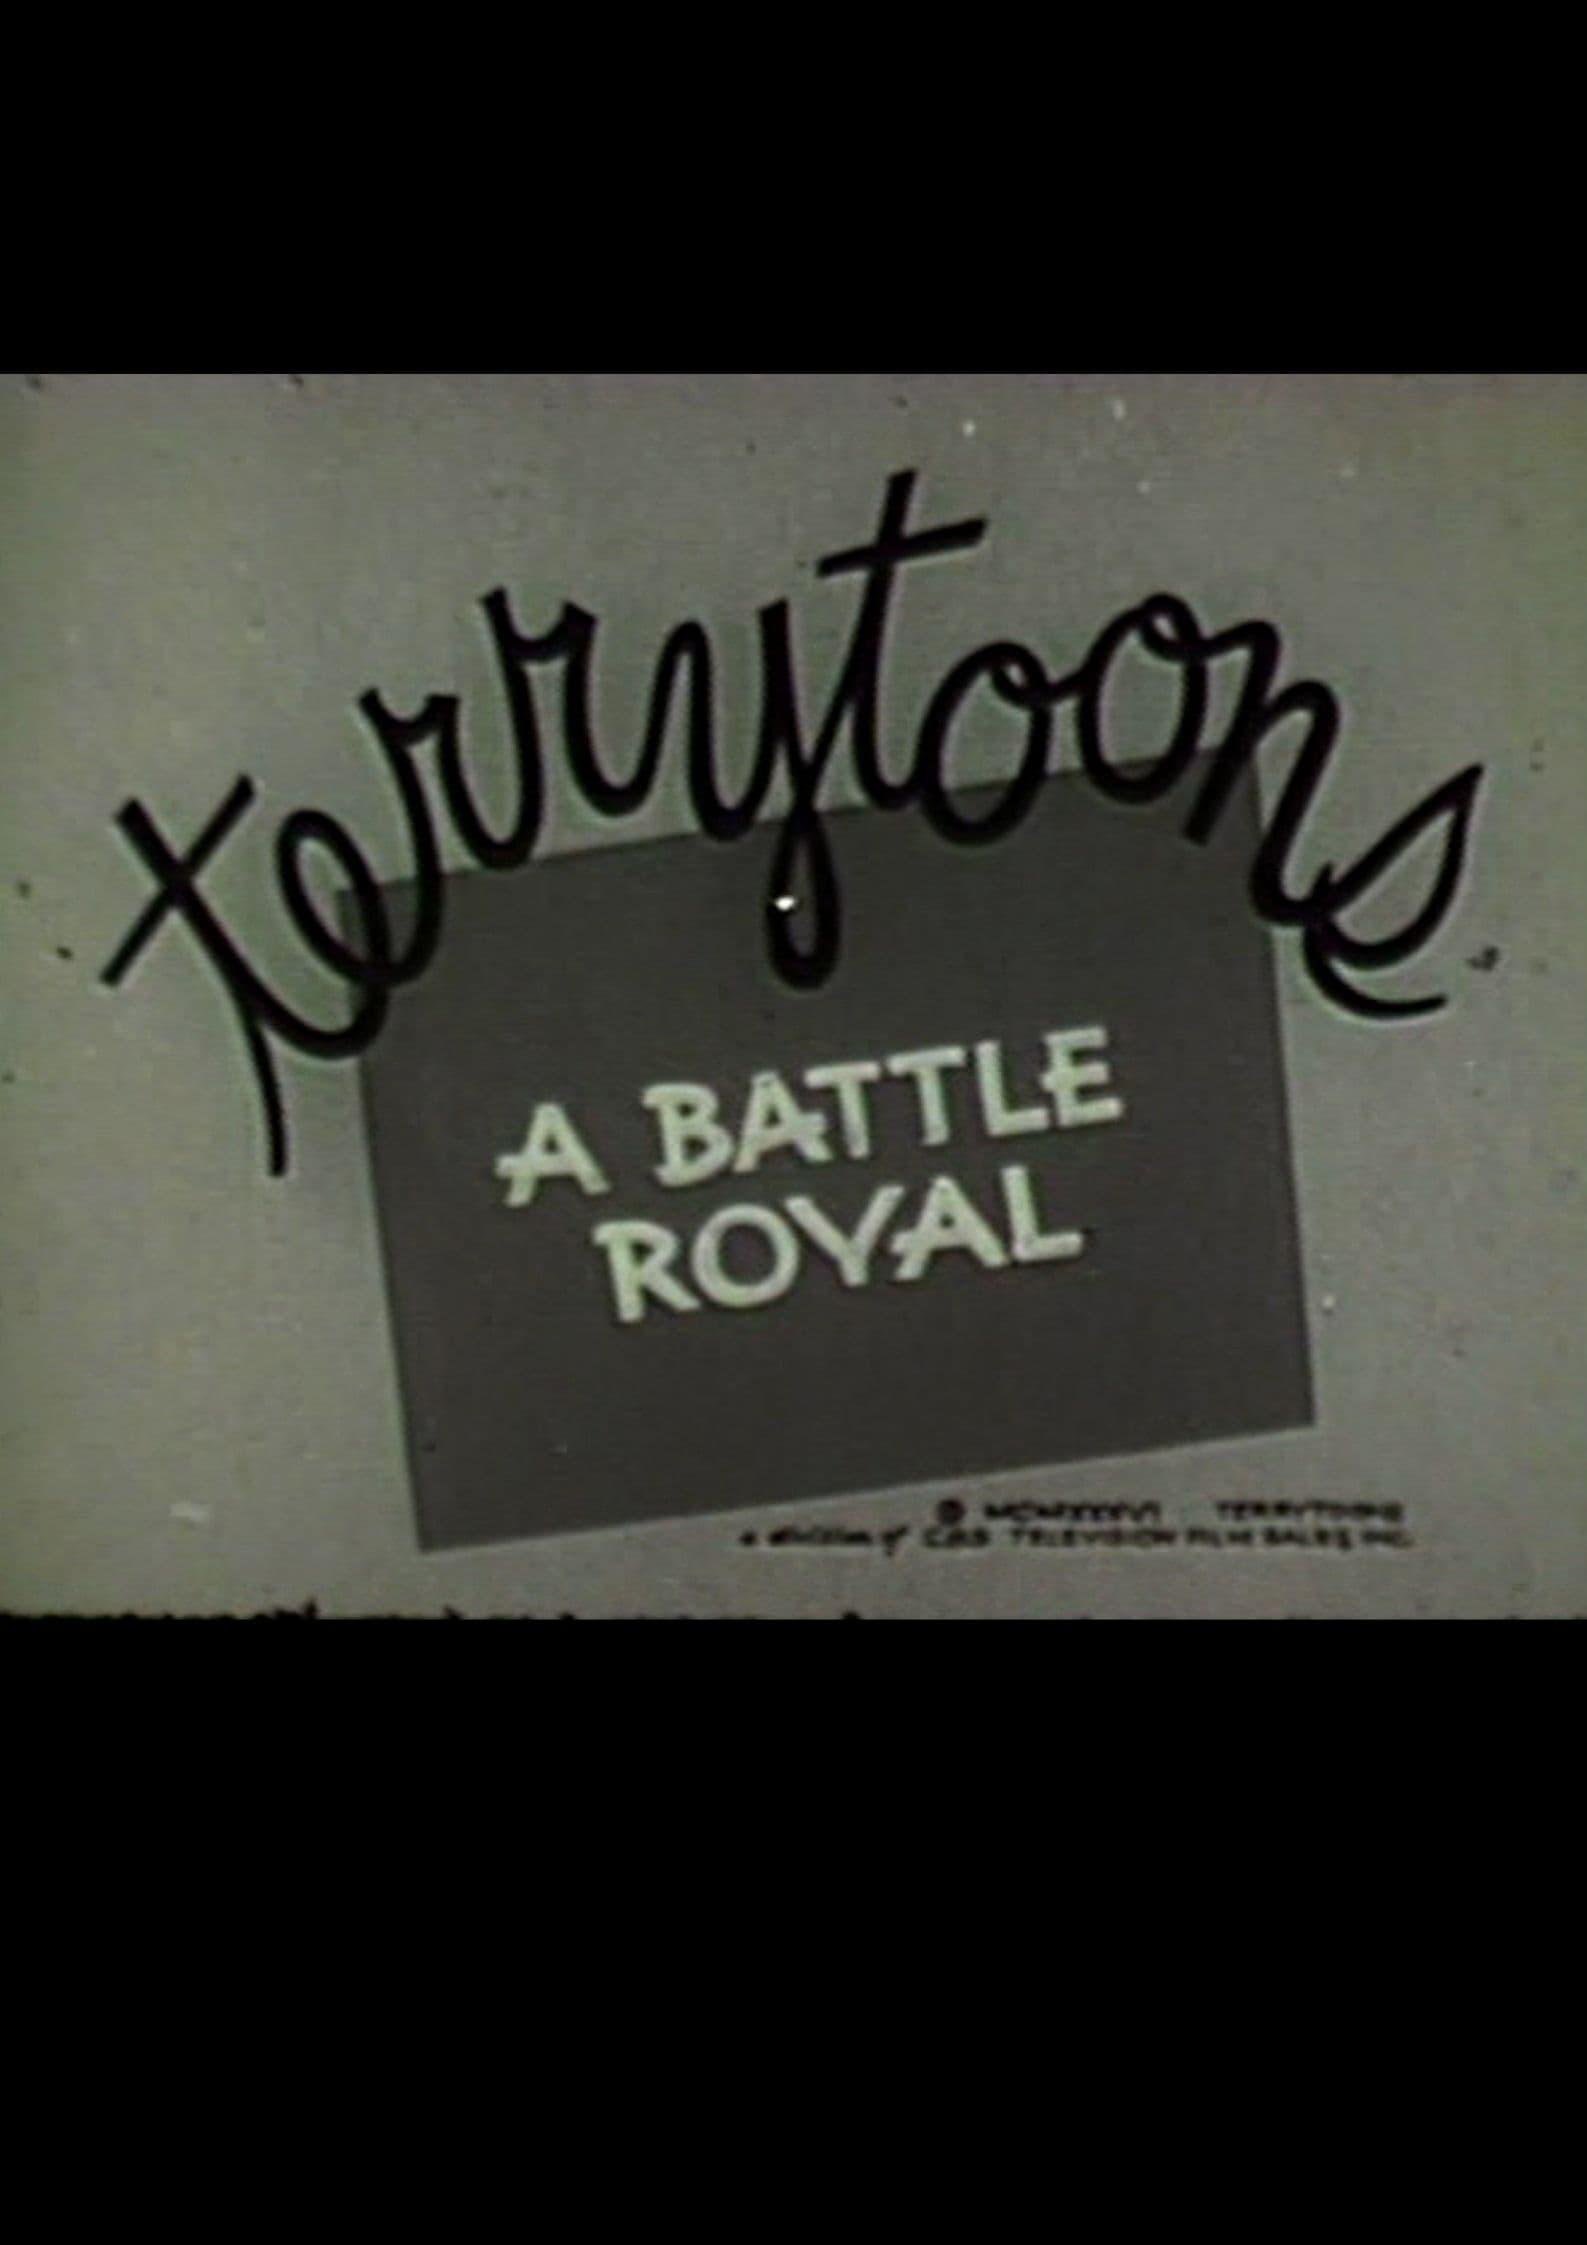 A Battle Royal